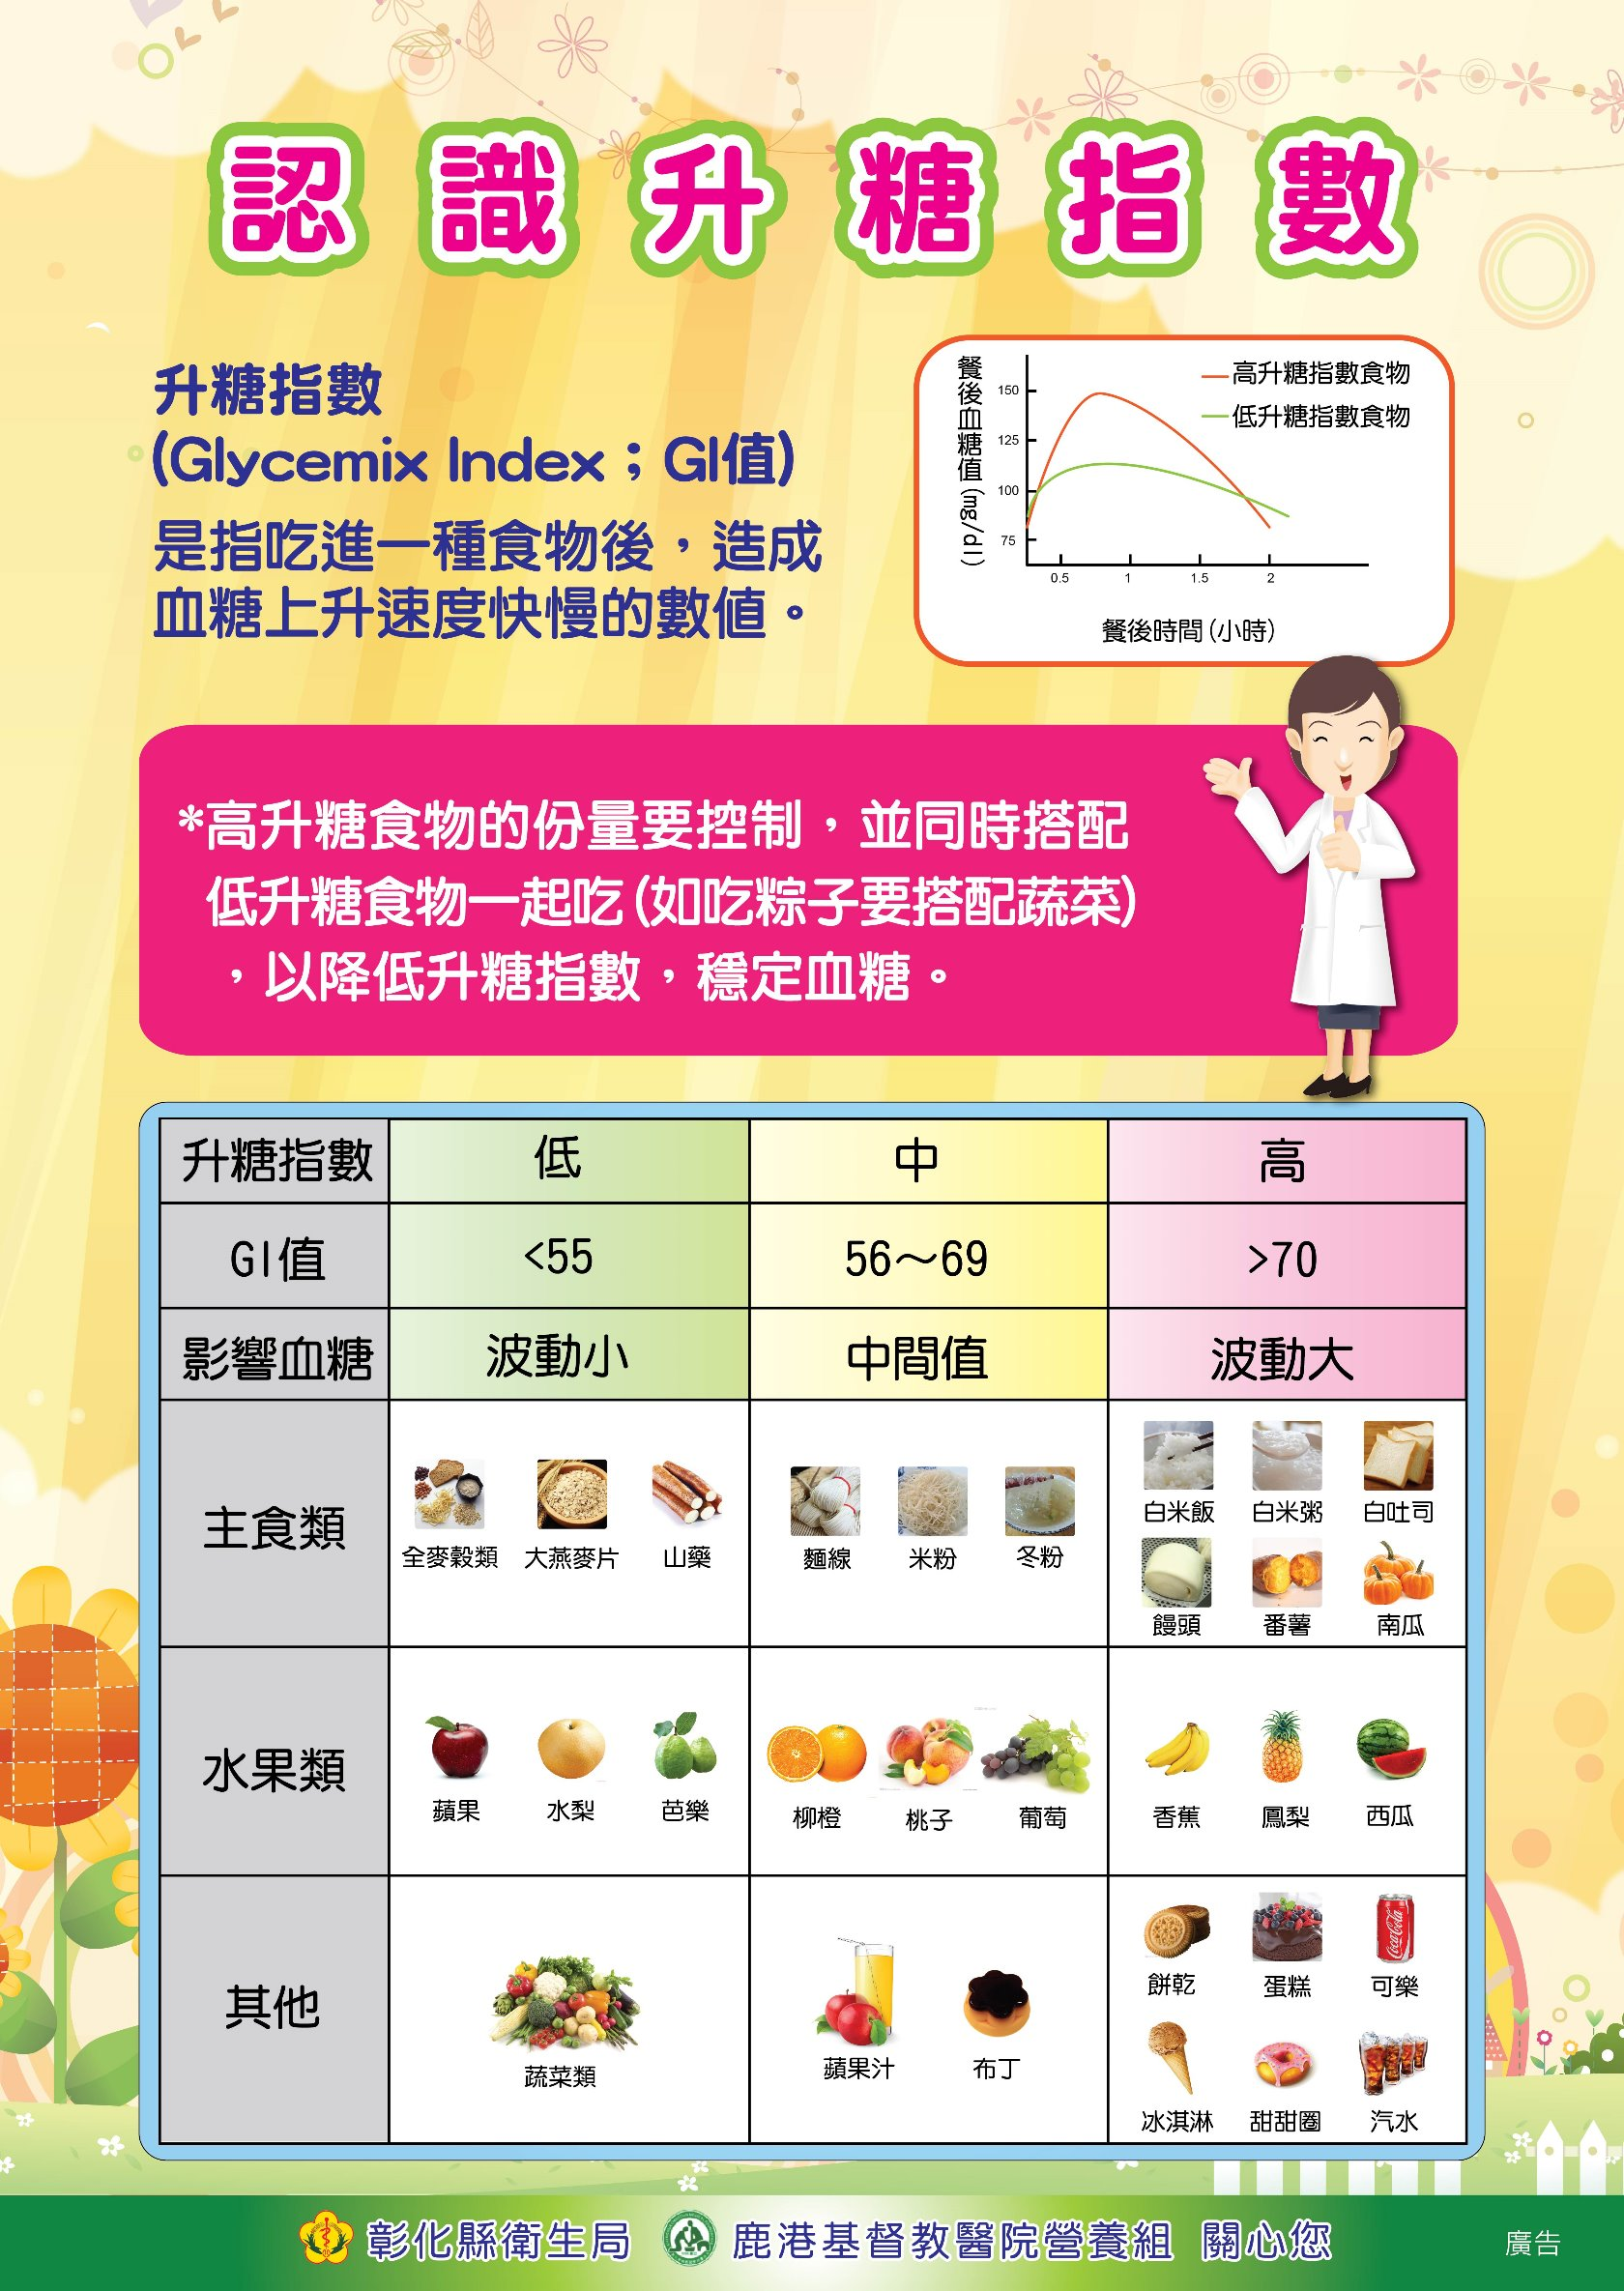 認識升糖指數